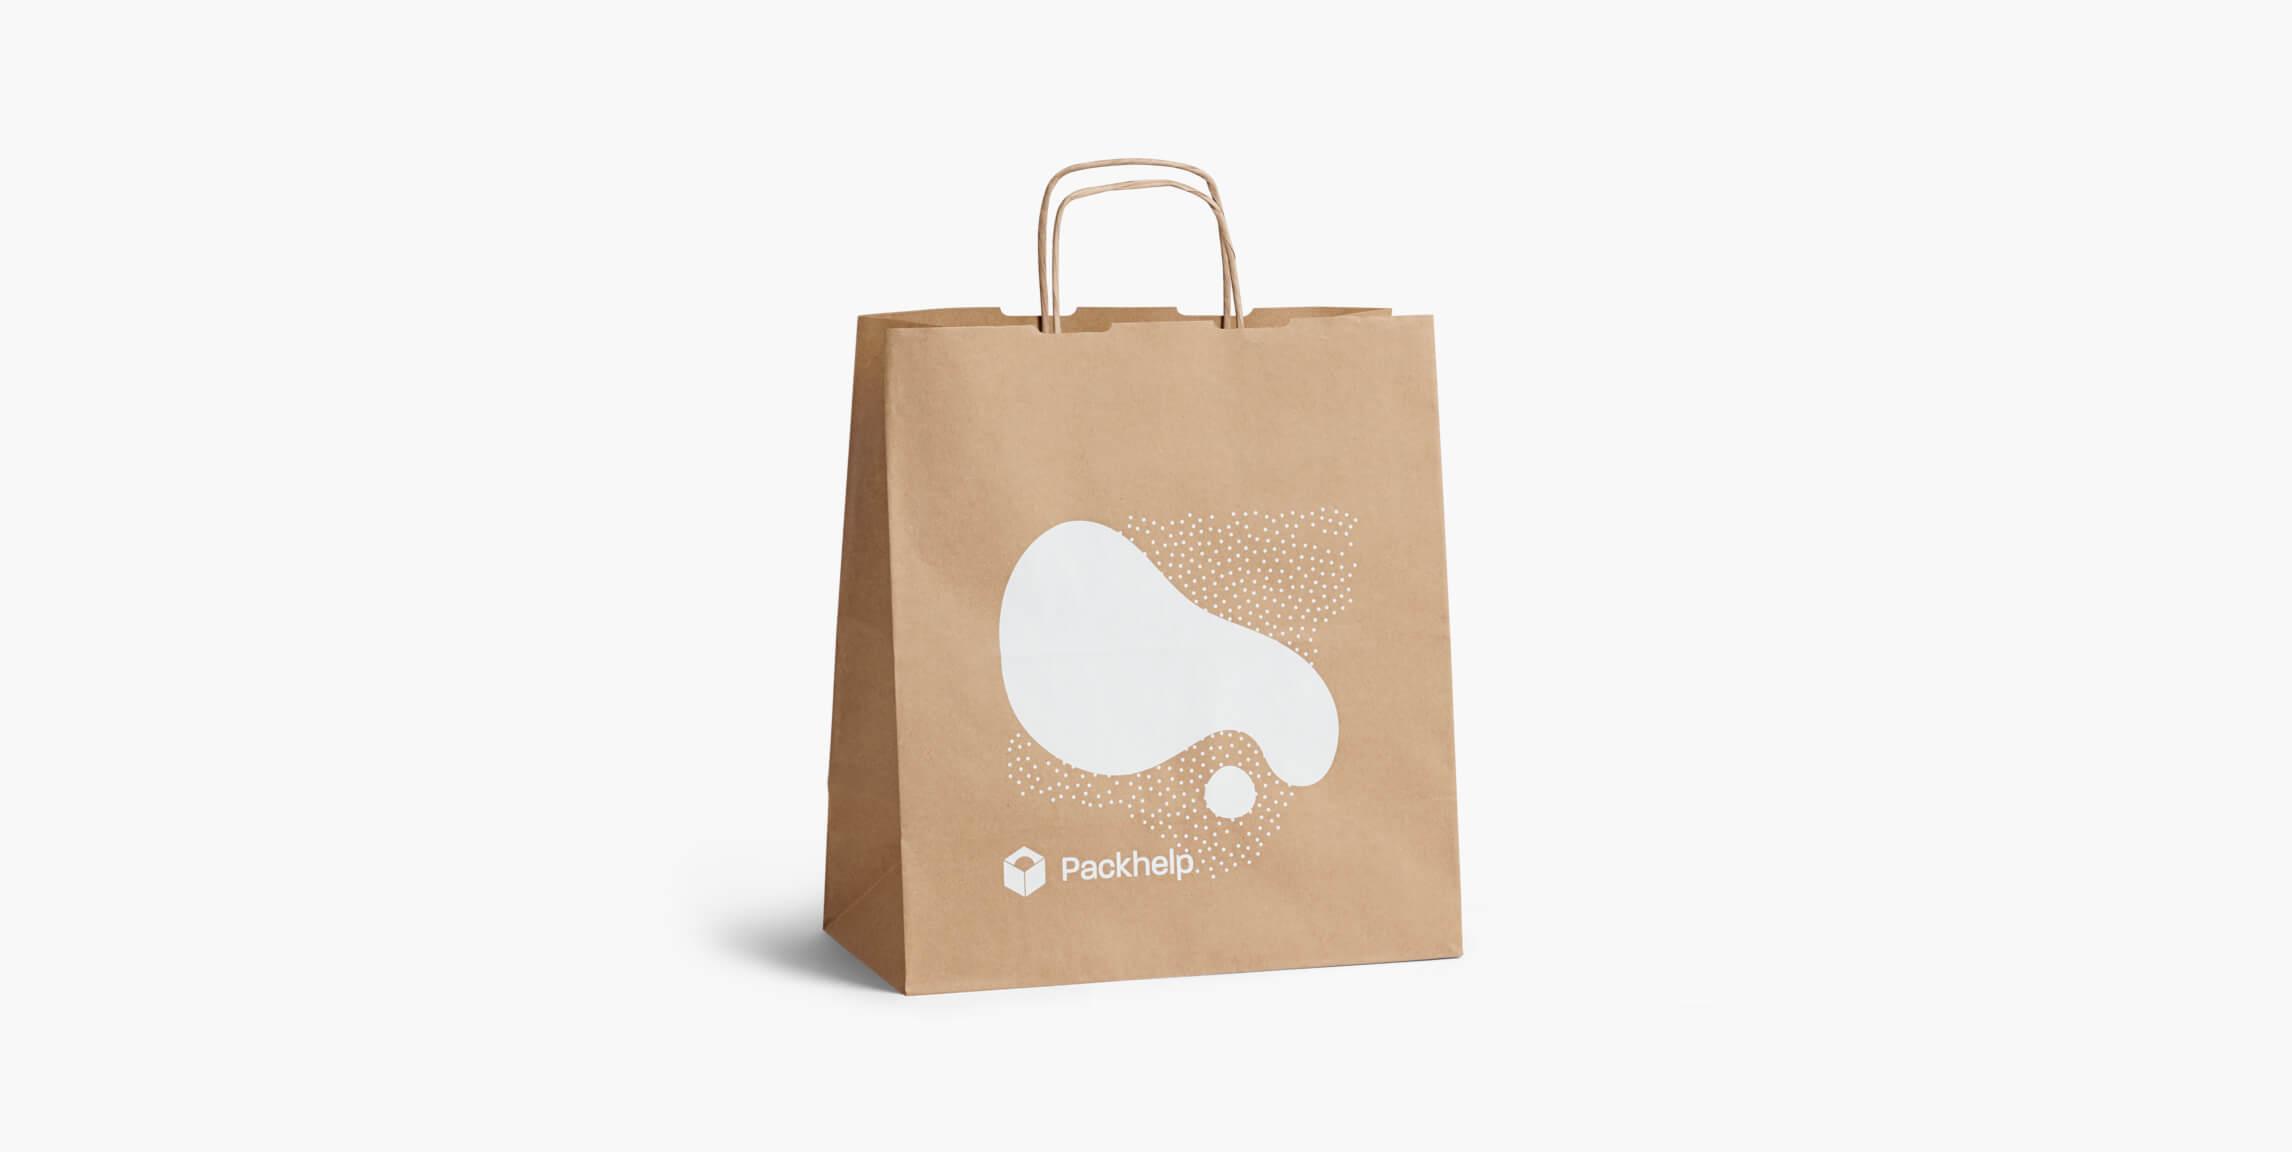 Sacchetti di carta con manico ritorto - scatole personalizzate - Packhelp